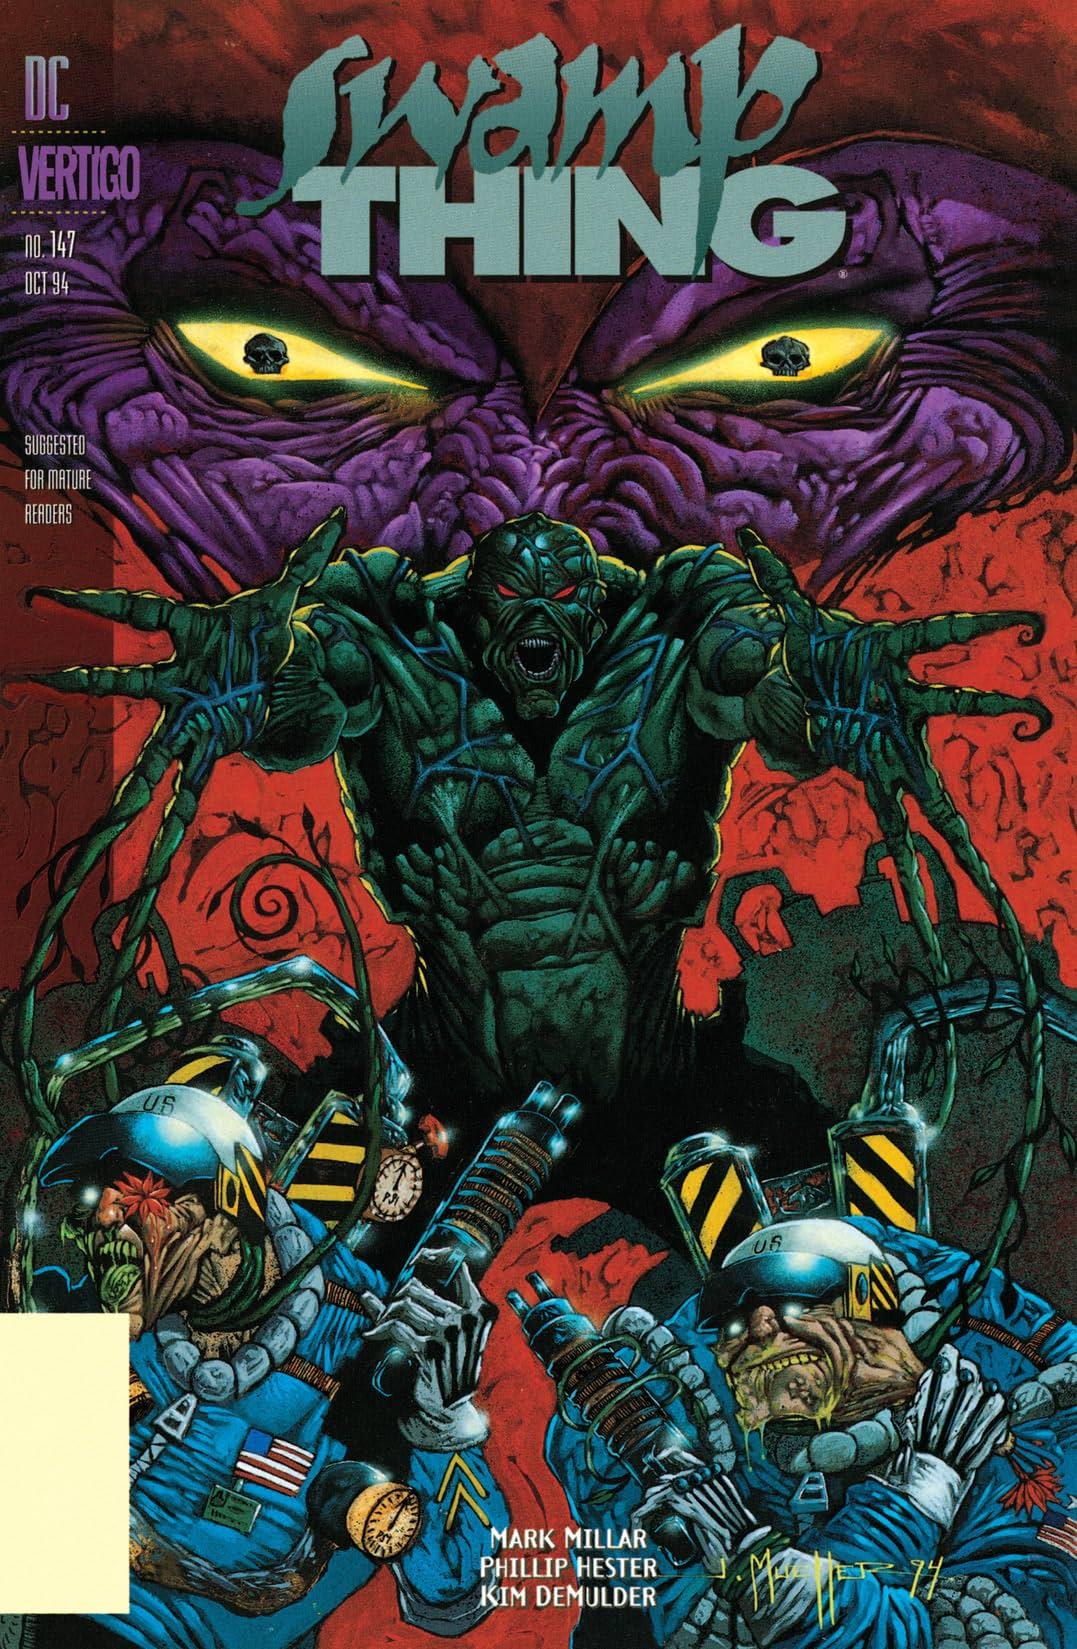 Swamp Thing (1982-1996) #147